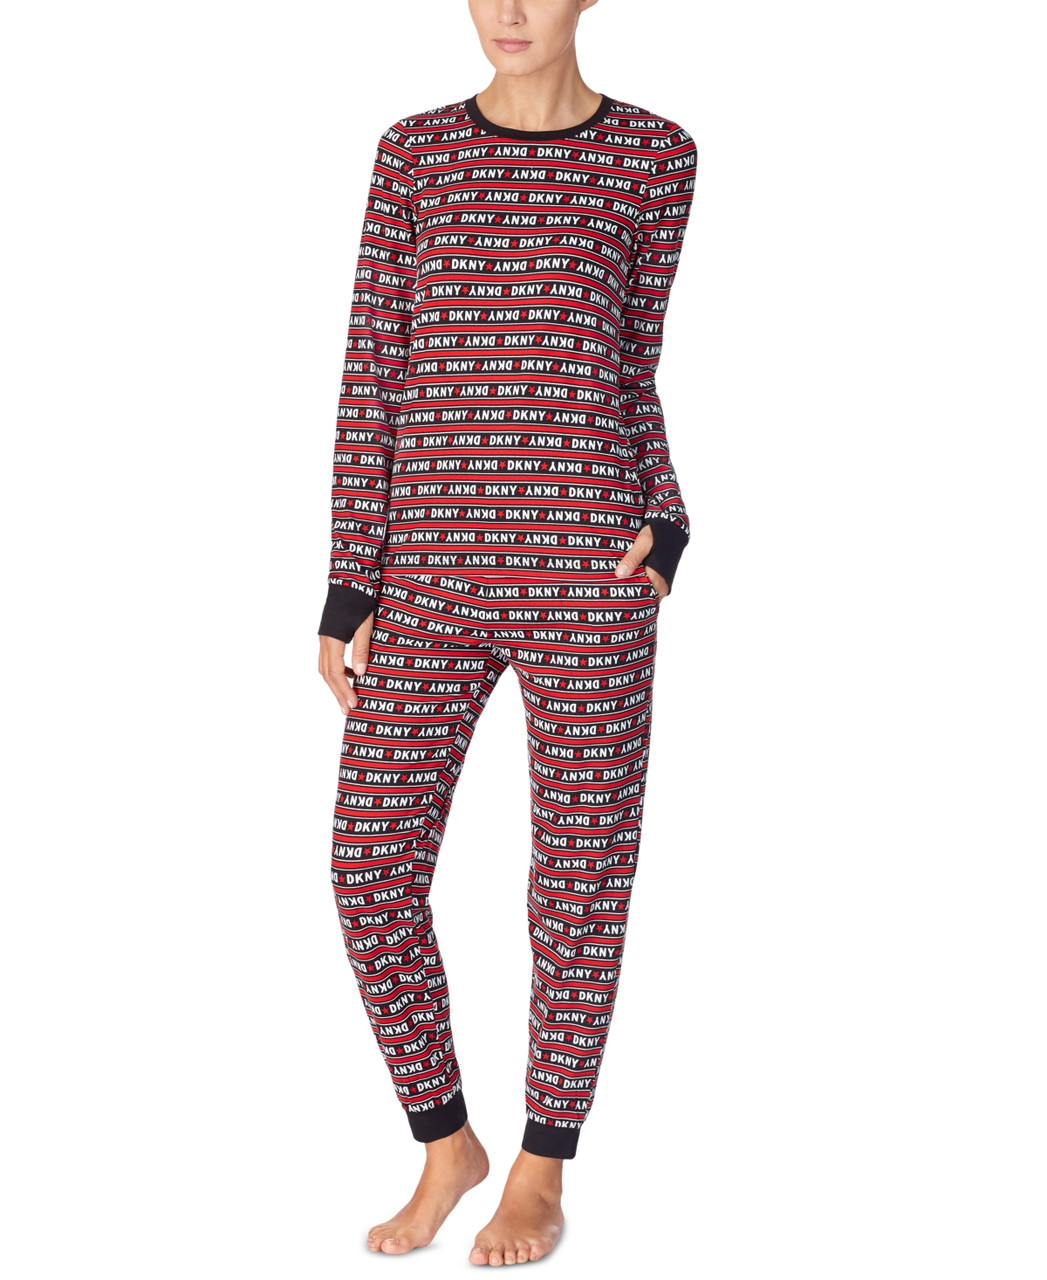 Dkny Женская пижама -А4